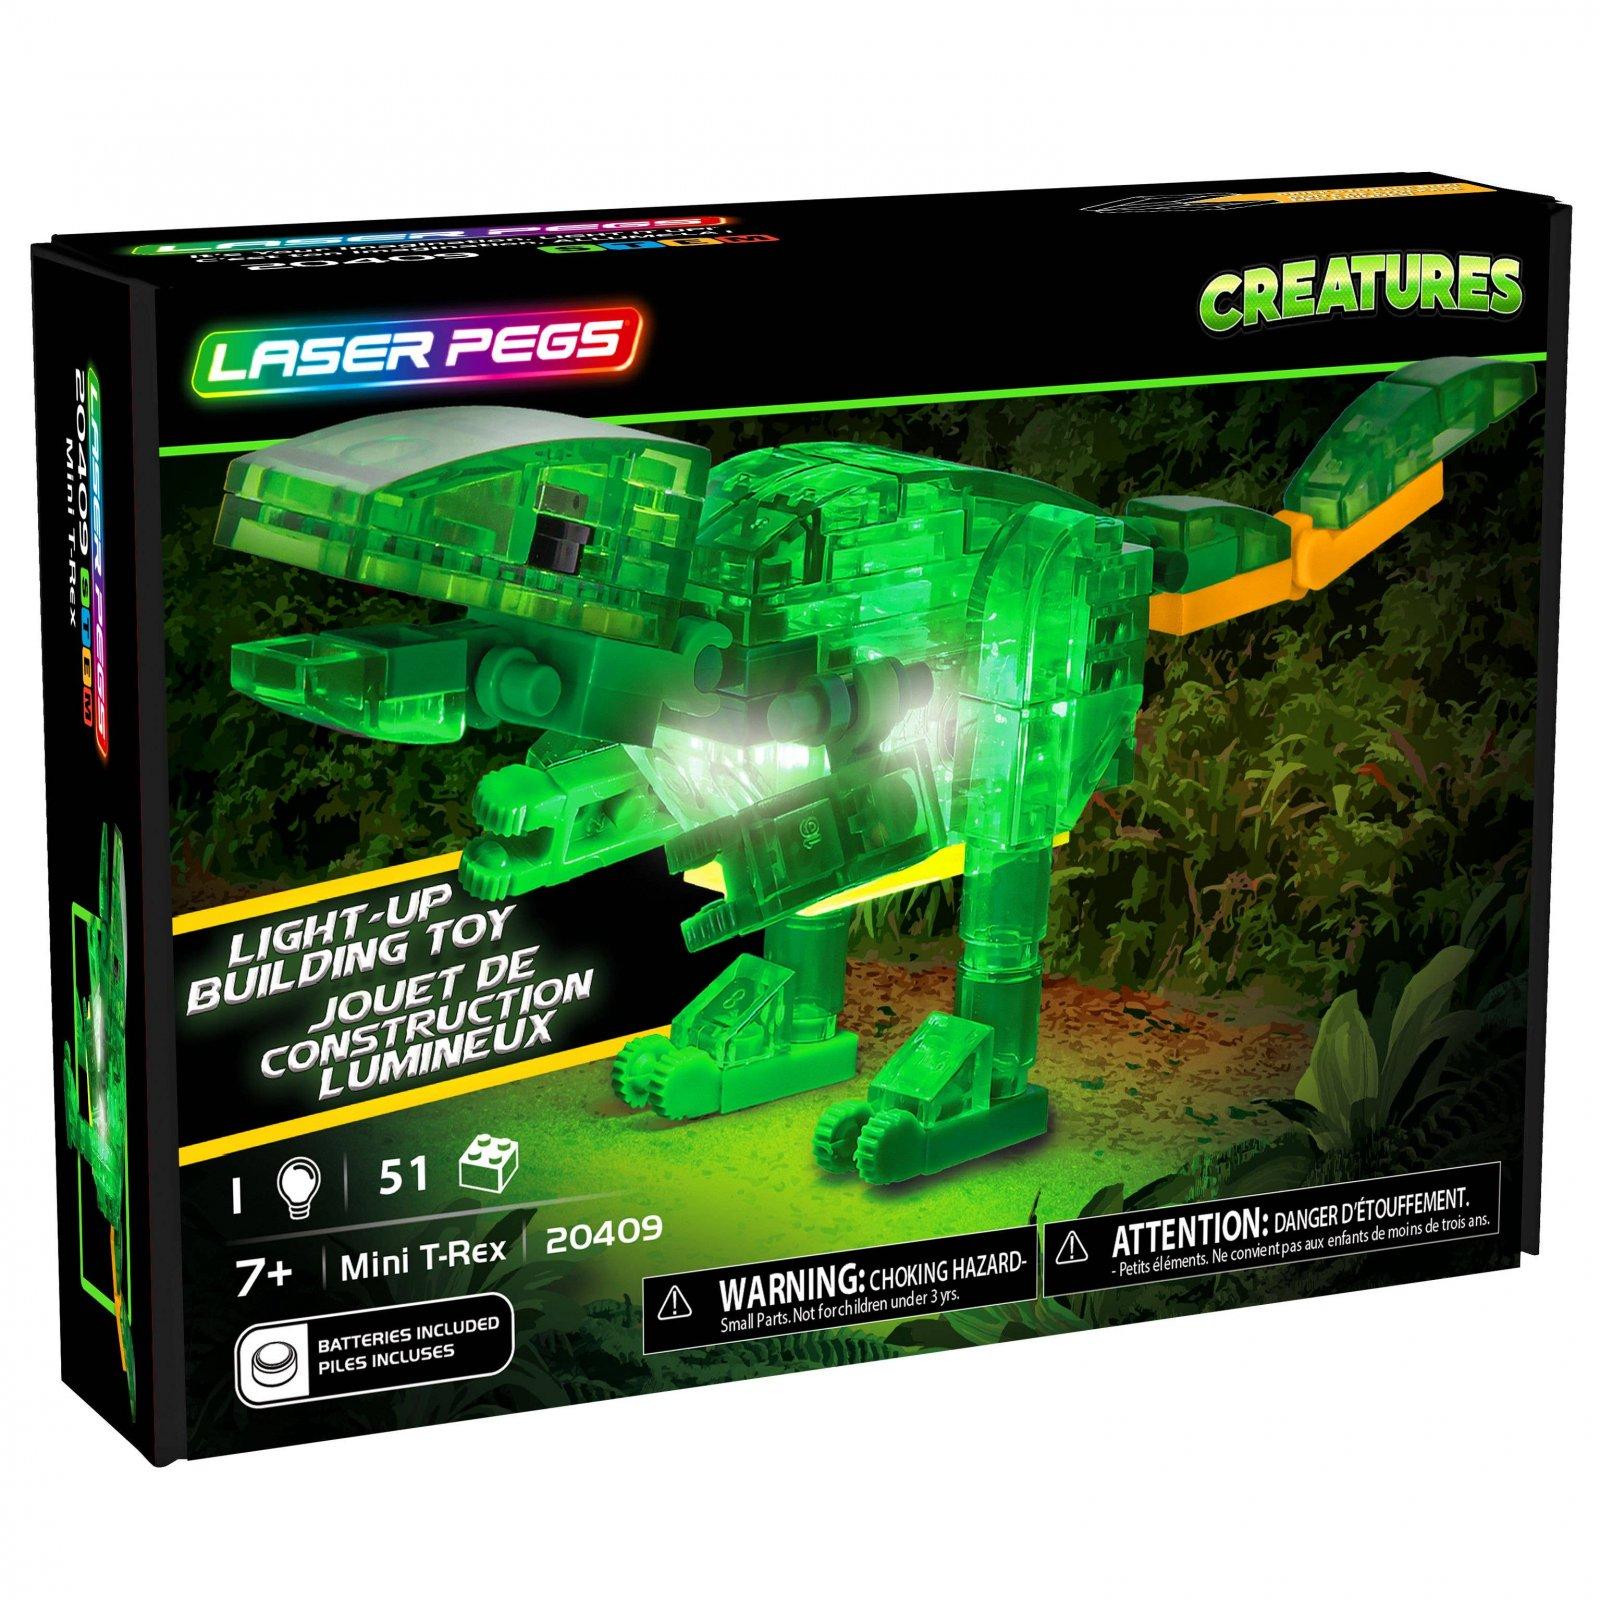 Mini T-Rex - Laser Pegs